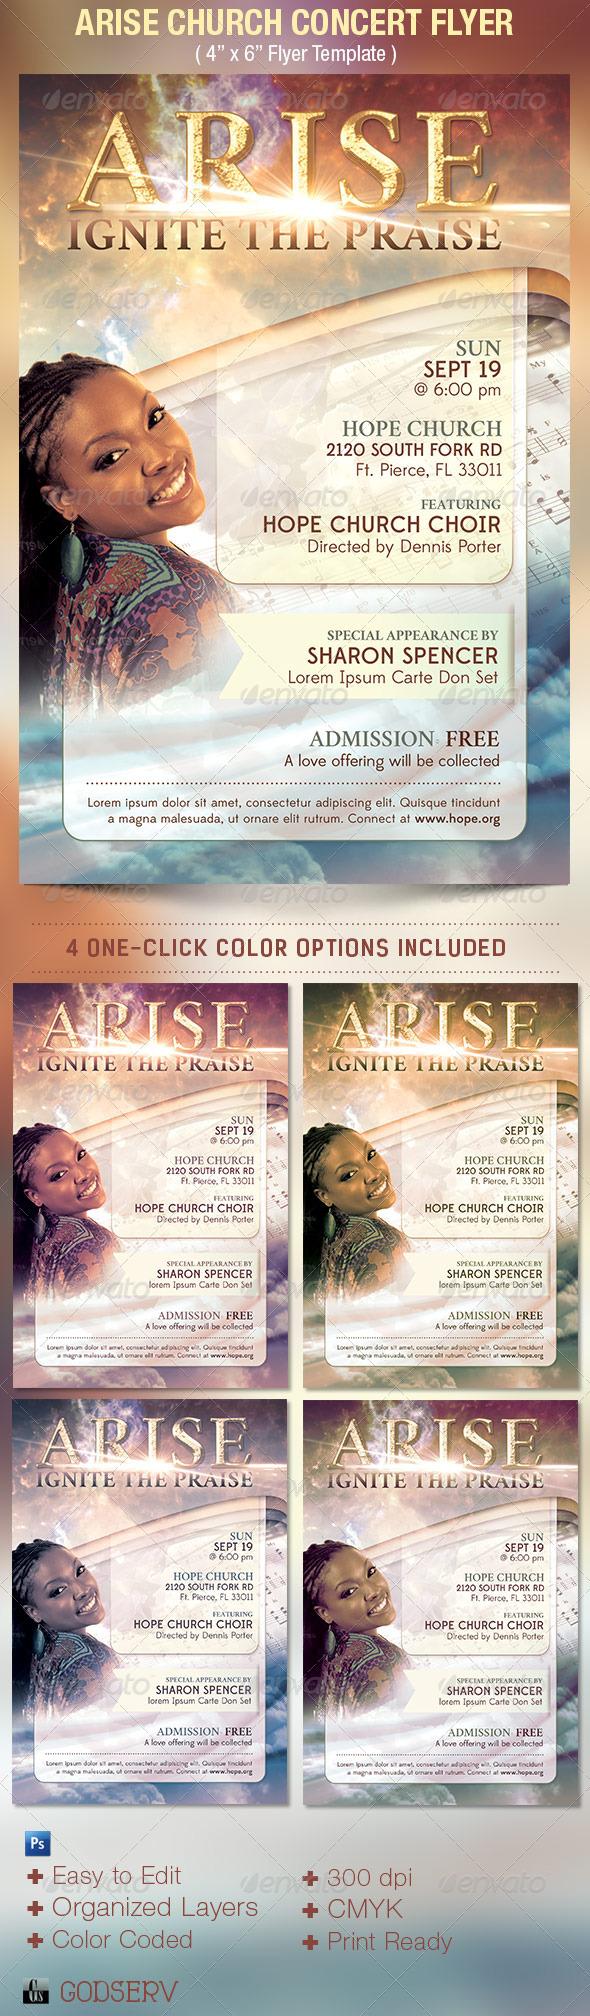 Arise Church Concert Flyer Template - Church Flyers